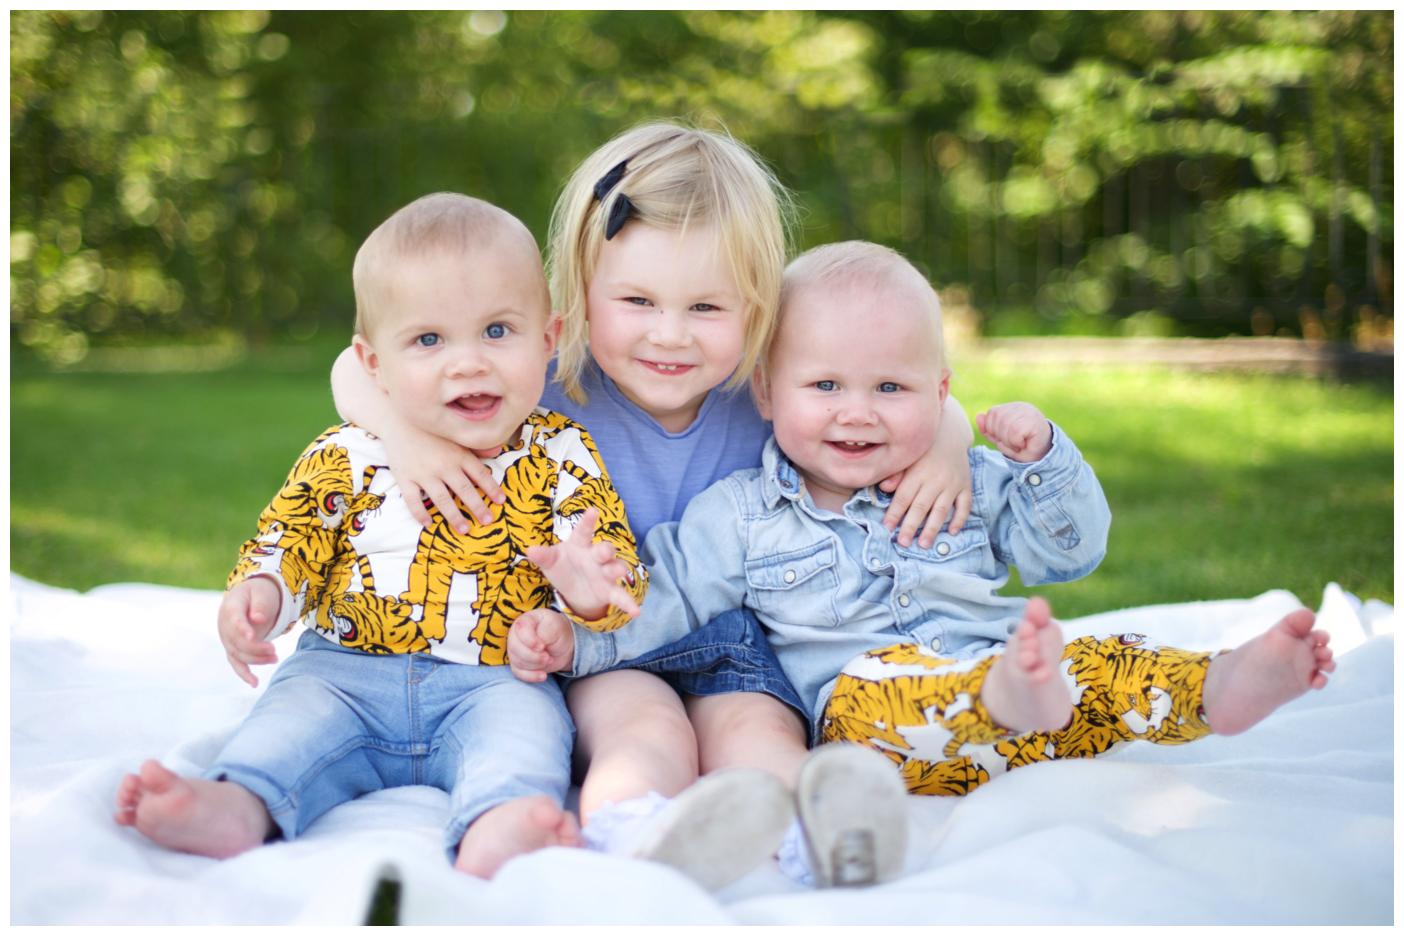 Hemma-hos familjefotografering i Bromma med fotograf Erika Aminoff